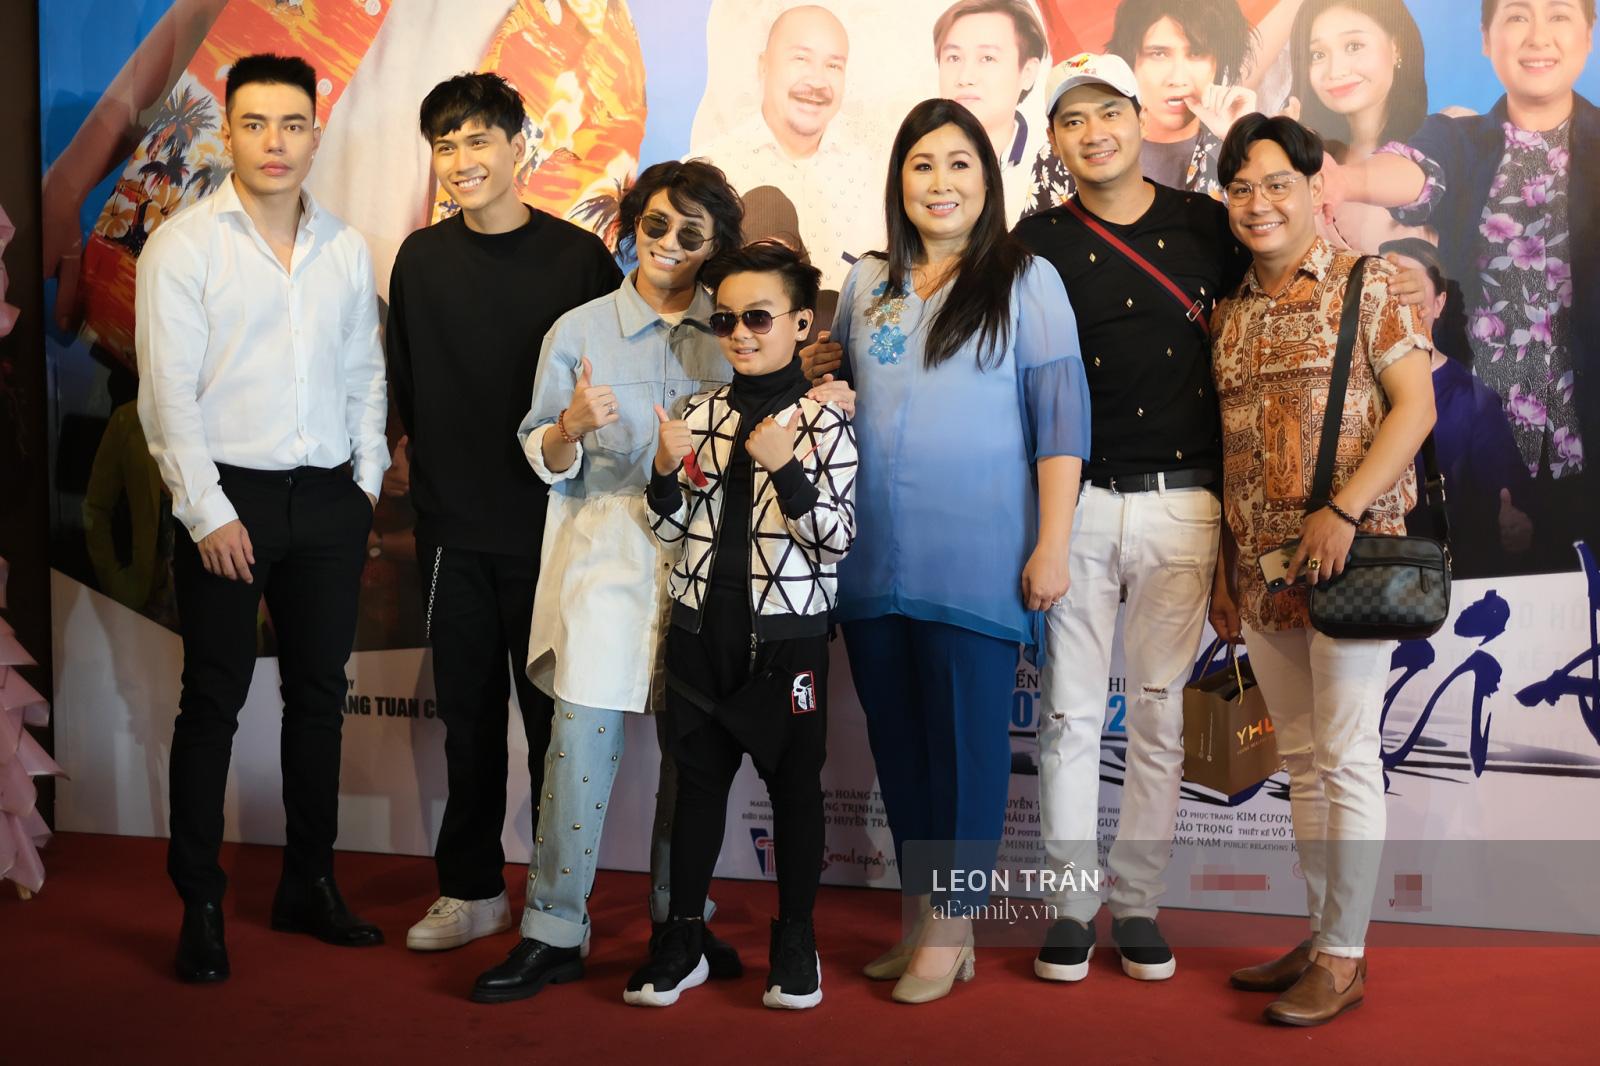 Dàn diễn viên hài quy tụ mừng Hồng Vân ra mắt phim mới - Ảnh 4.